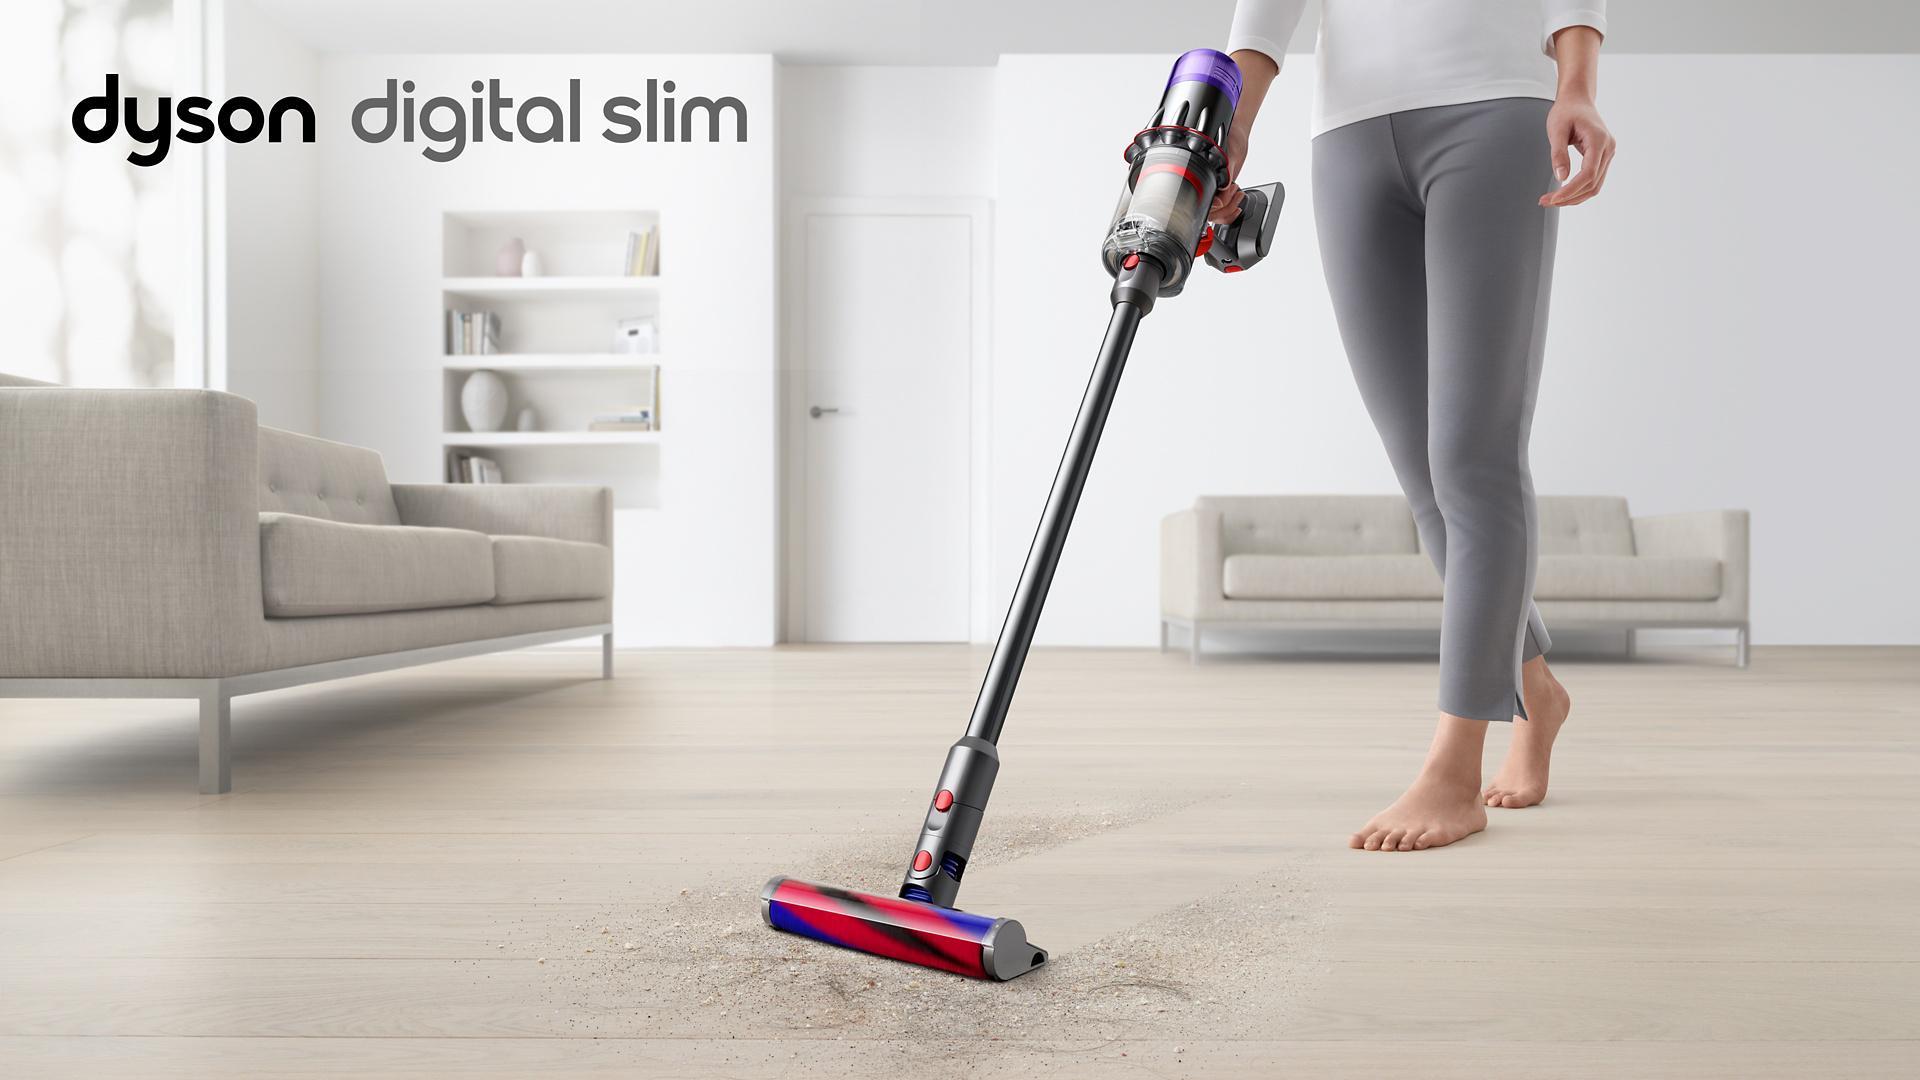 Digital slim